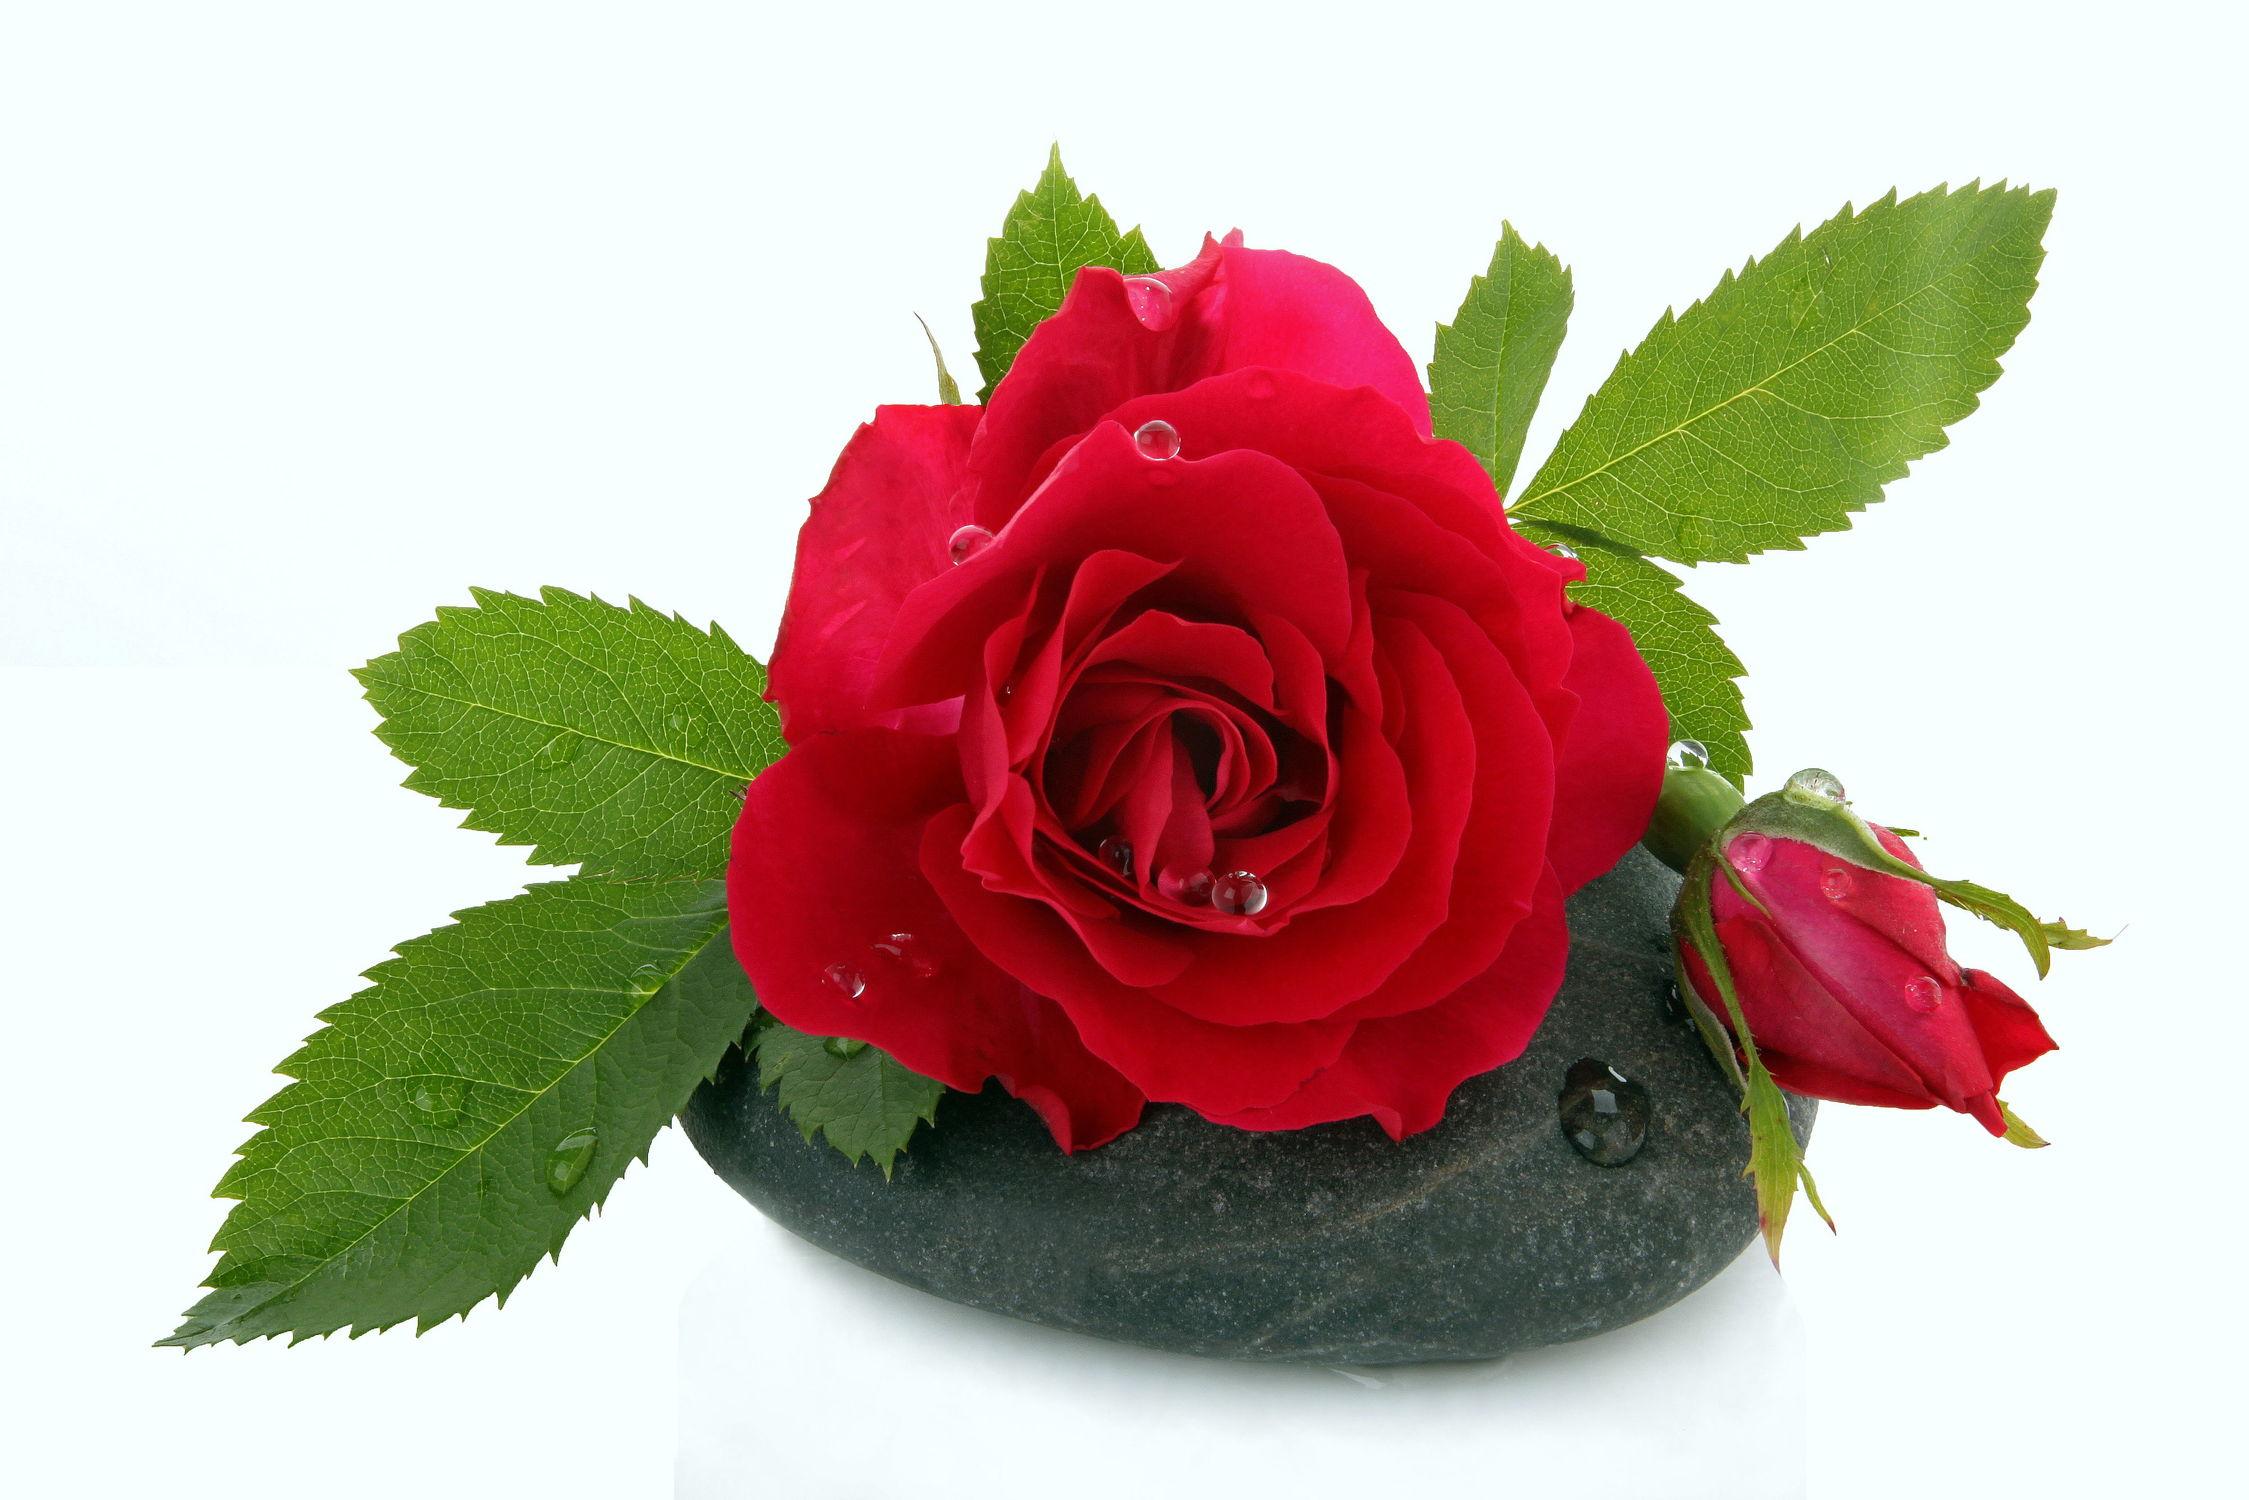 Bild mit Pflanzen, Blumen, Rosen, Blume, Rose, Floral, Floral, Flora, Blüten, blüte